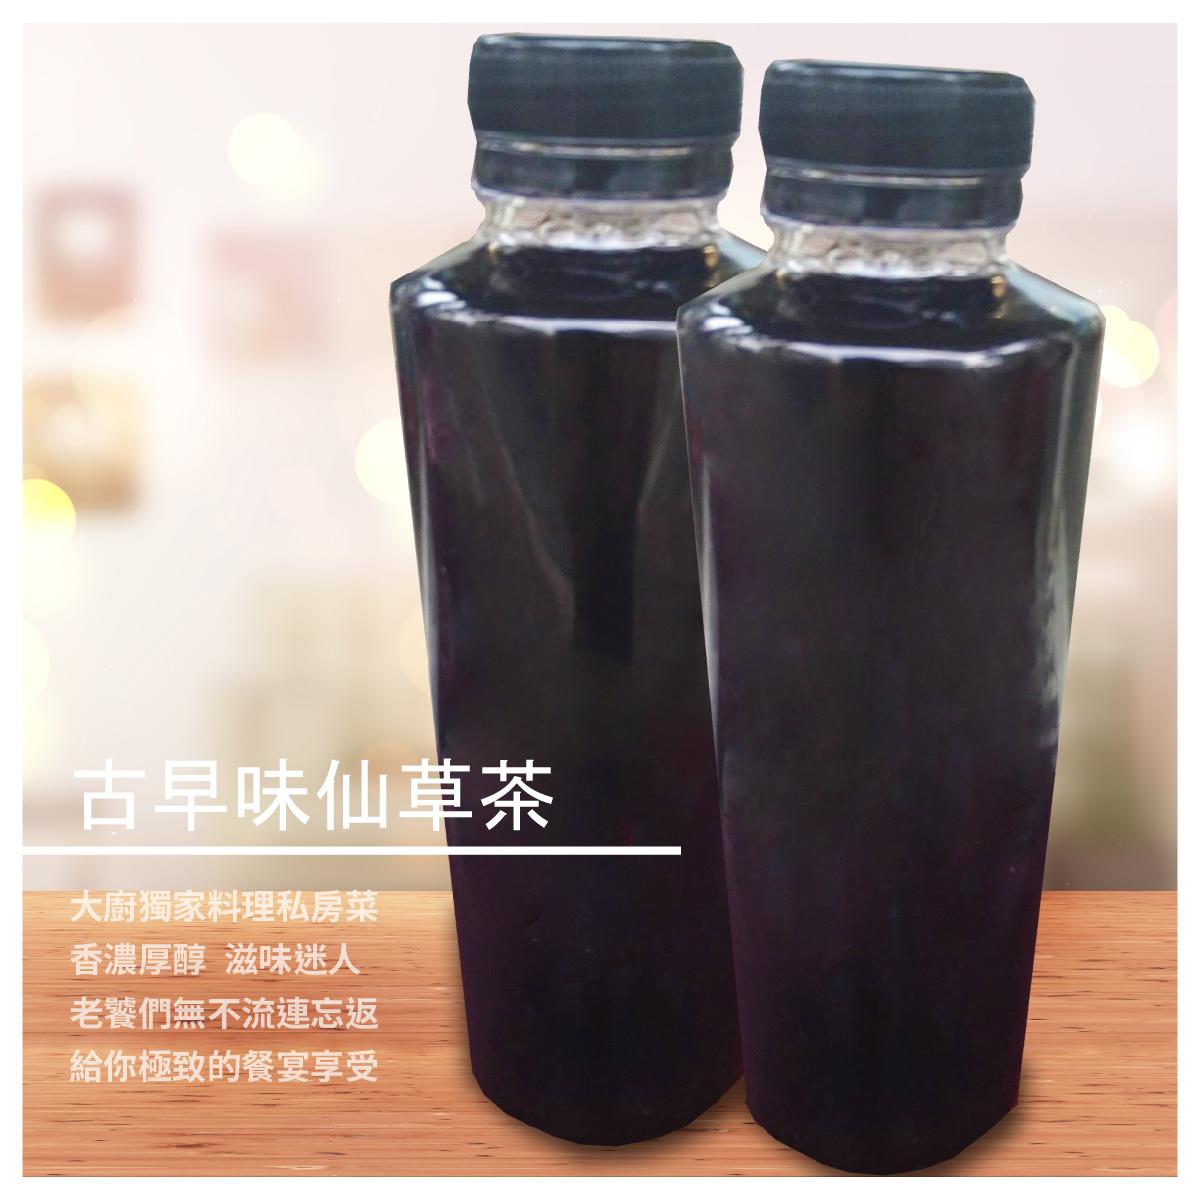 【鴨血達人】古早味仙草茶 低糖/無糖